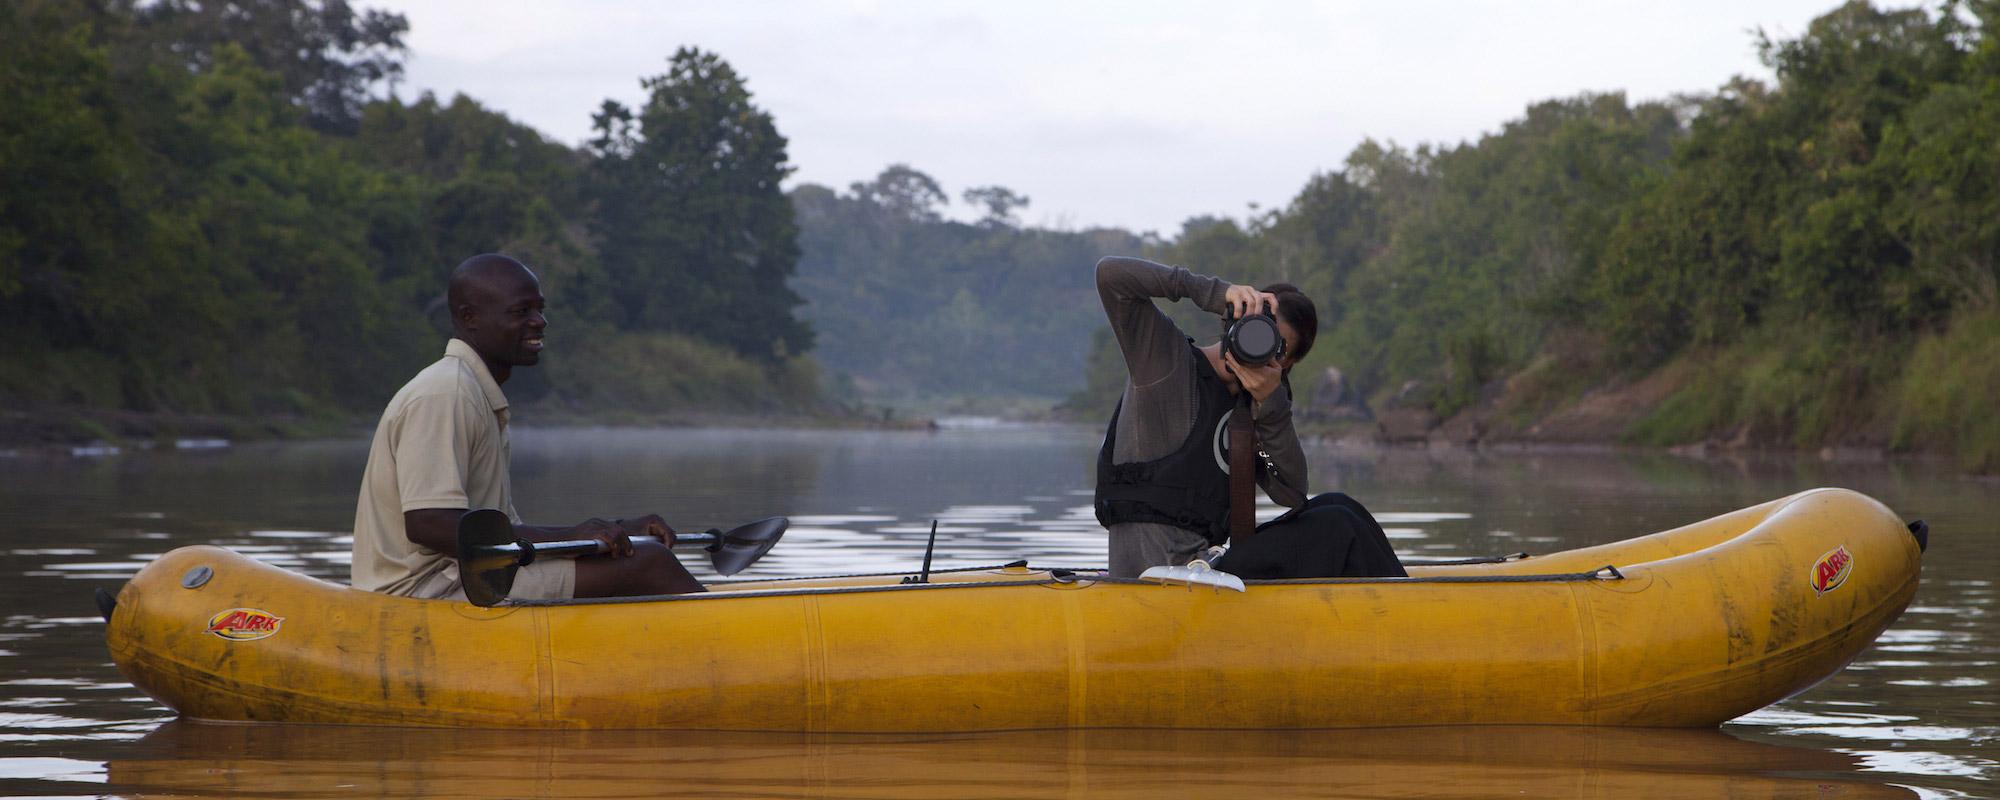 Canoe River Safari Malawi